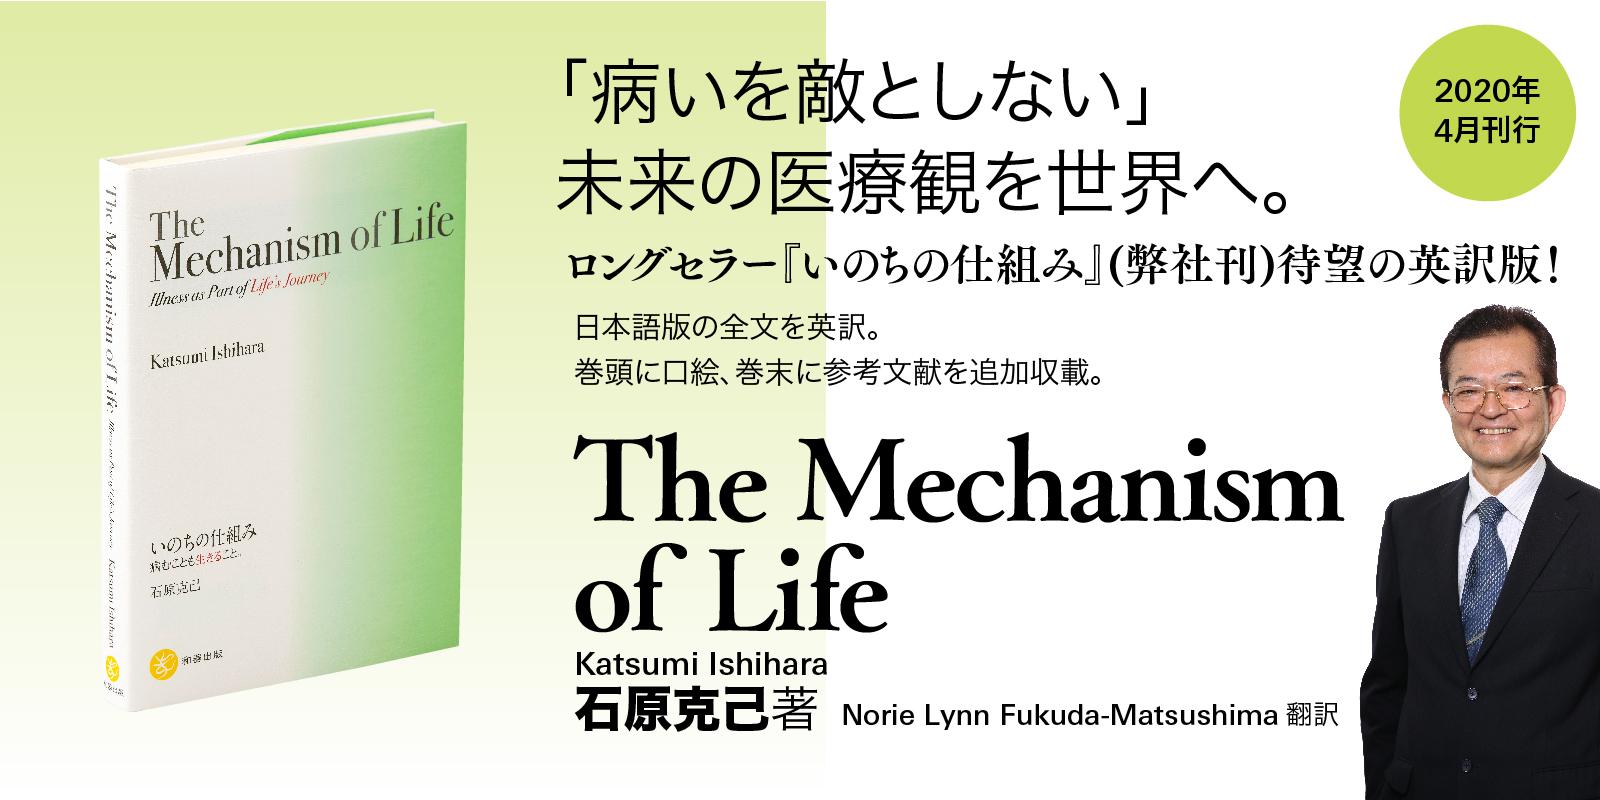 「病を敵としない」未来の医療観を世界へ。『いのちの仕組み』英訳版。The Mechanism of Life Katsumi Ishihara